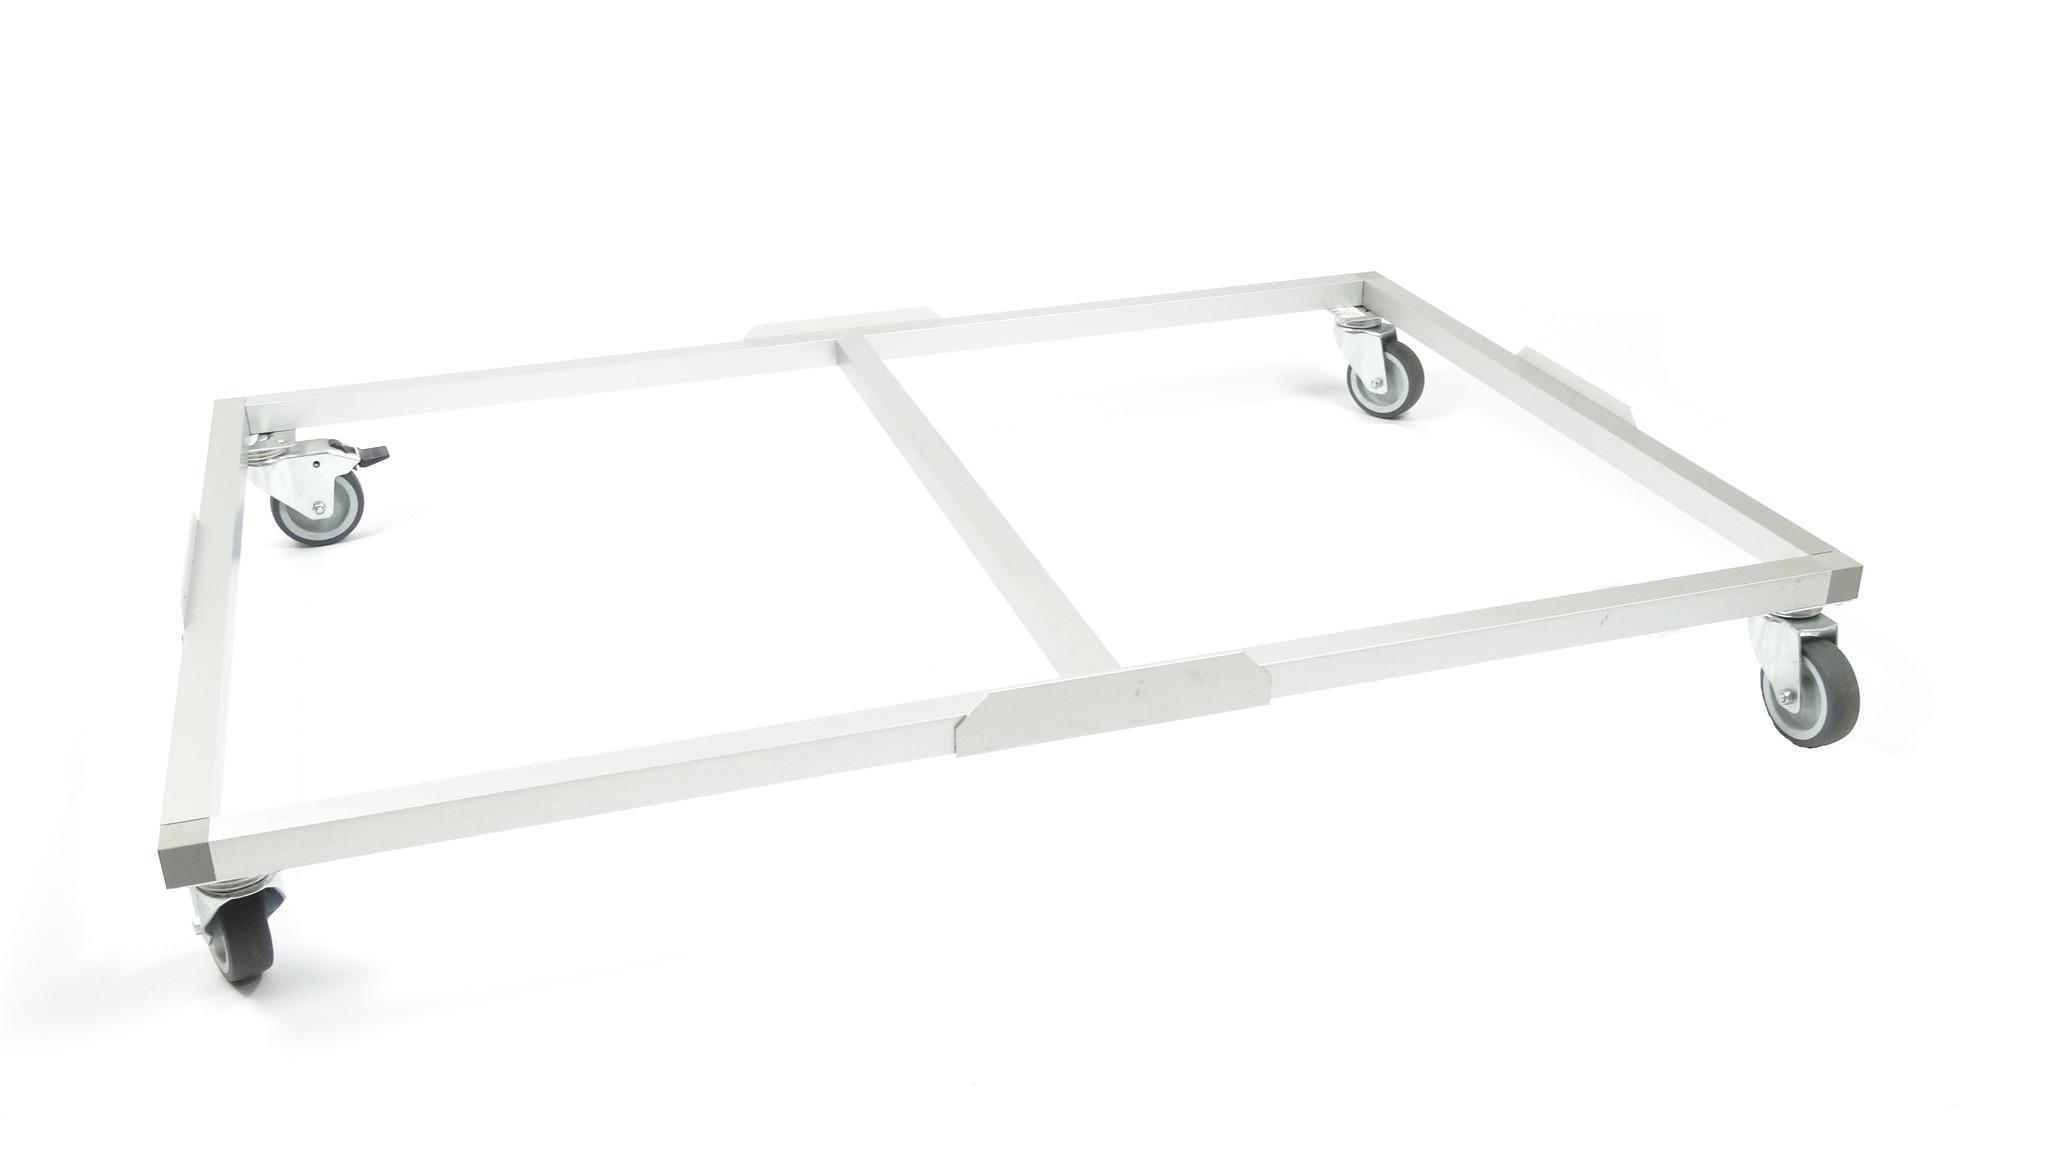 Hundos  Hundos Pro Wielenframe voor Hundos Pro Aluminium Hondenbench model DK/DL maat M